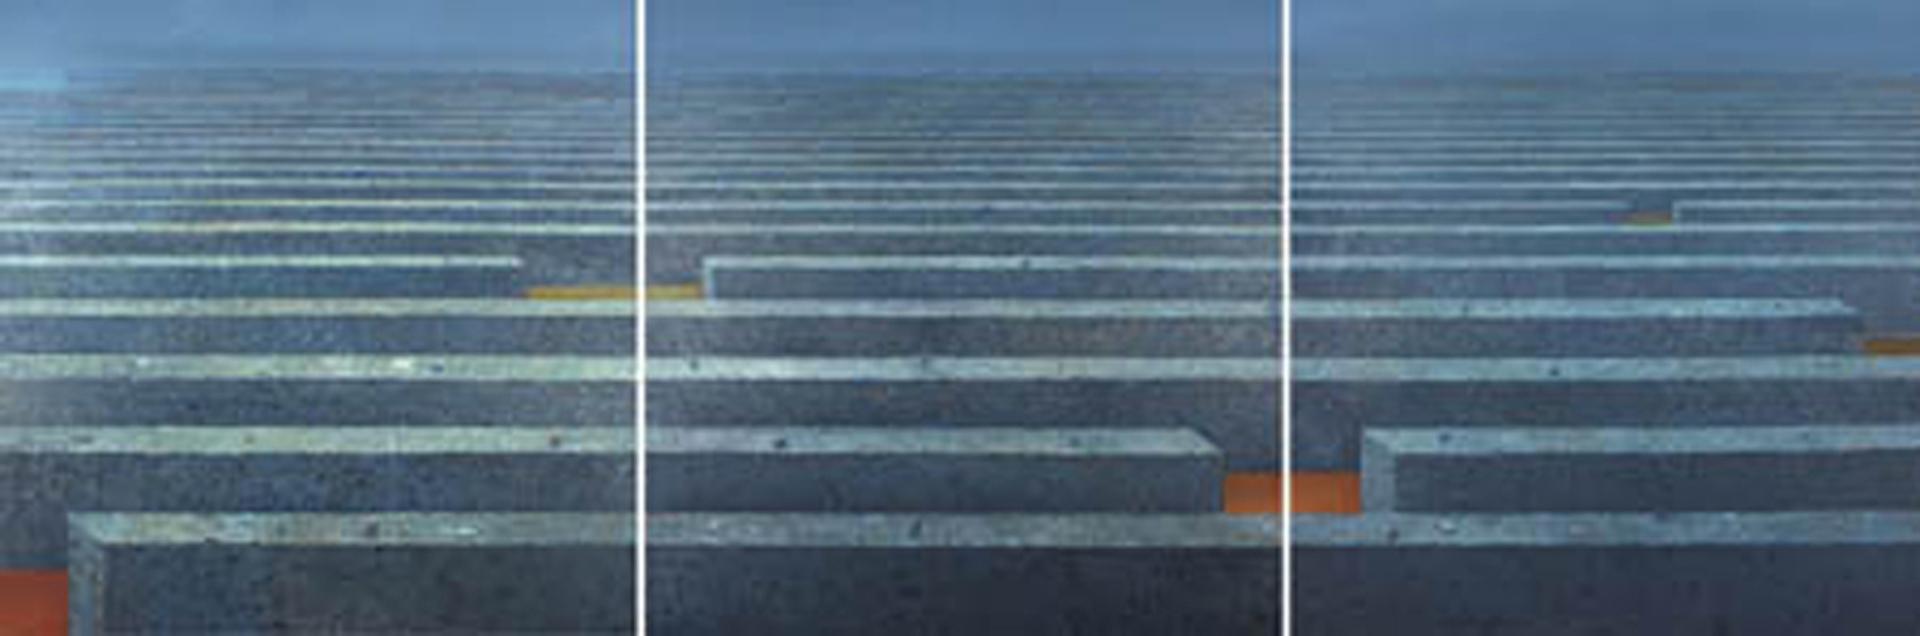 Horyzont I-III 1999-2004, olej płótno, 150x150cmx3